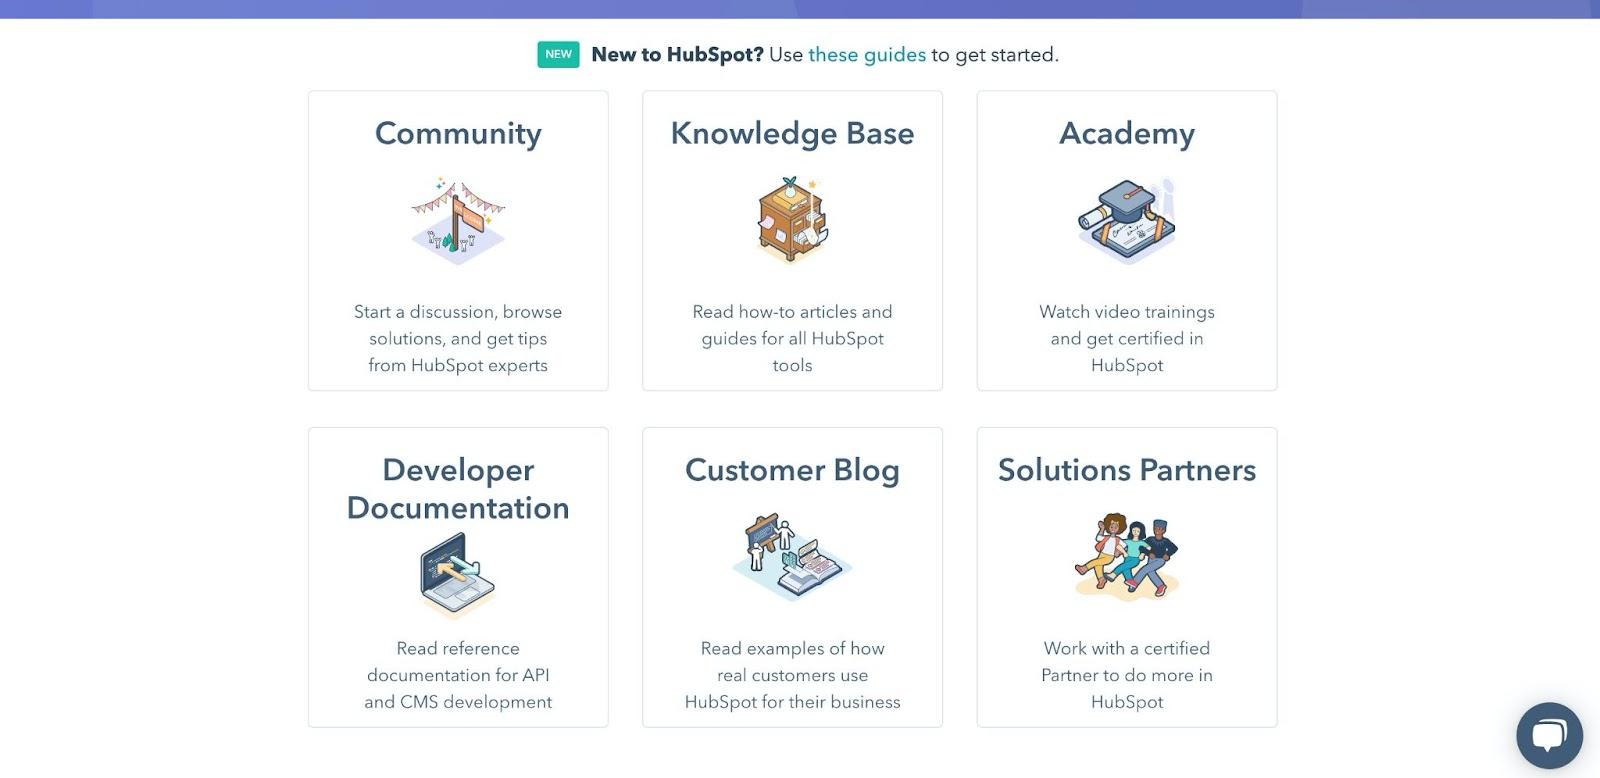 HubSpot self-service education tools